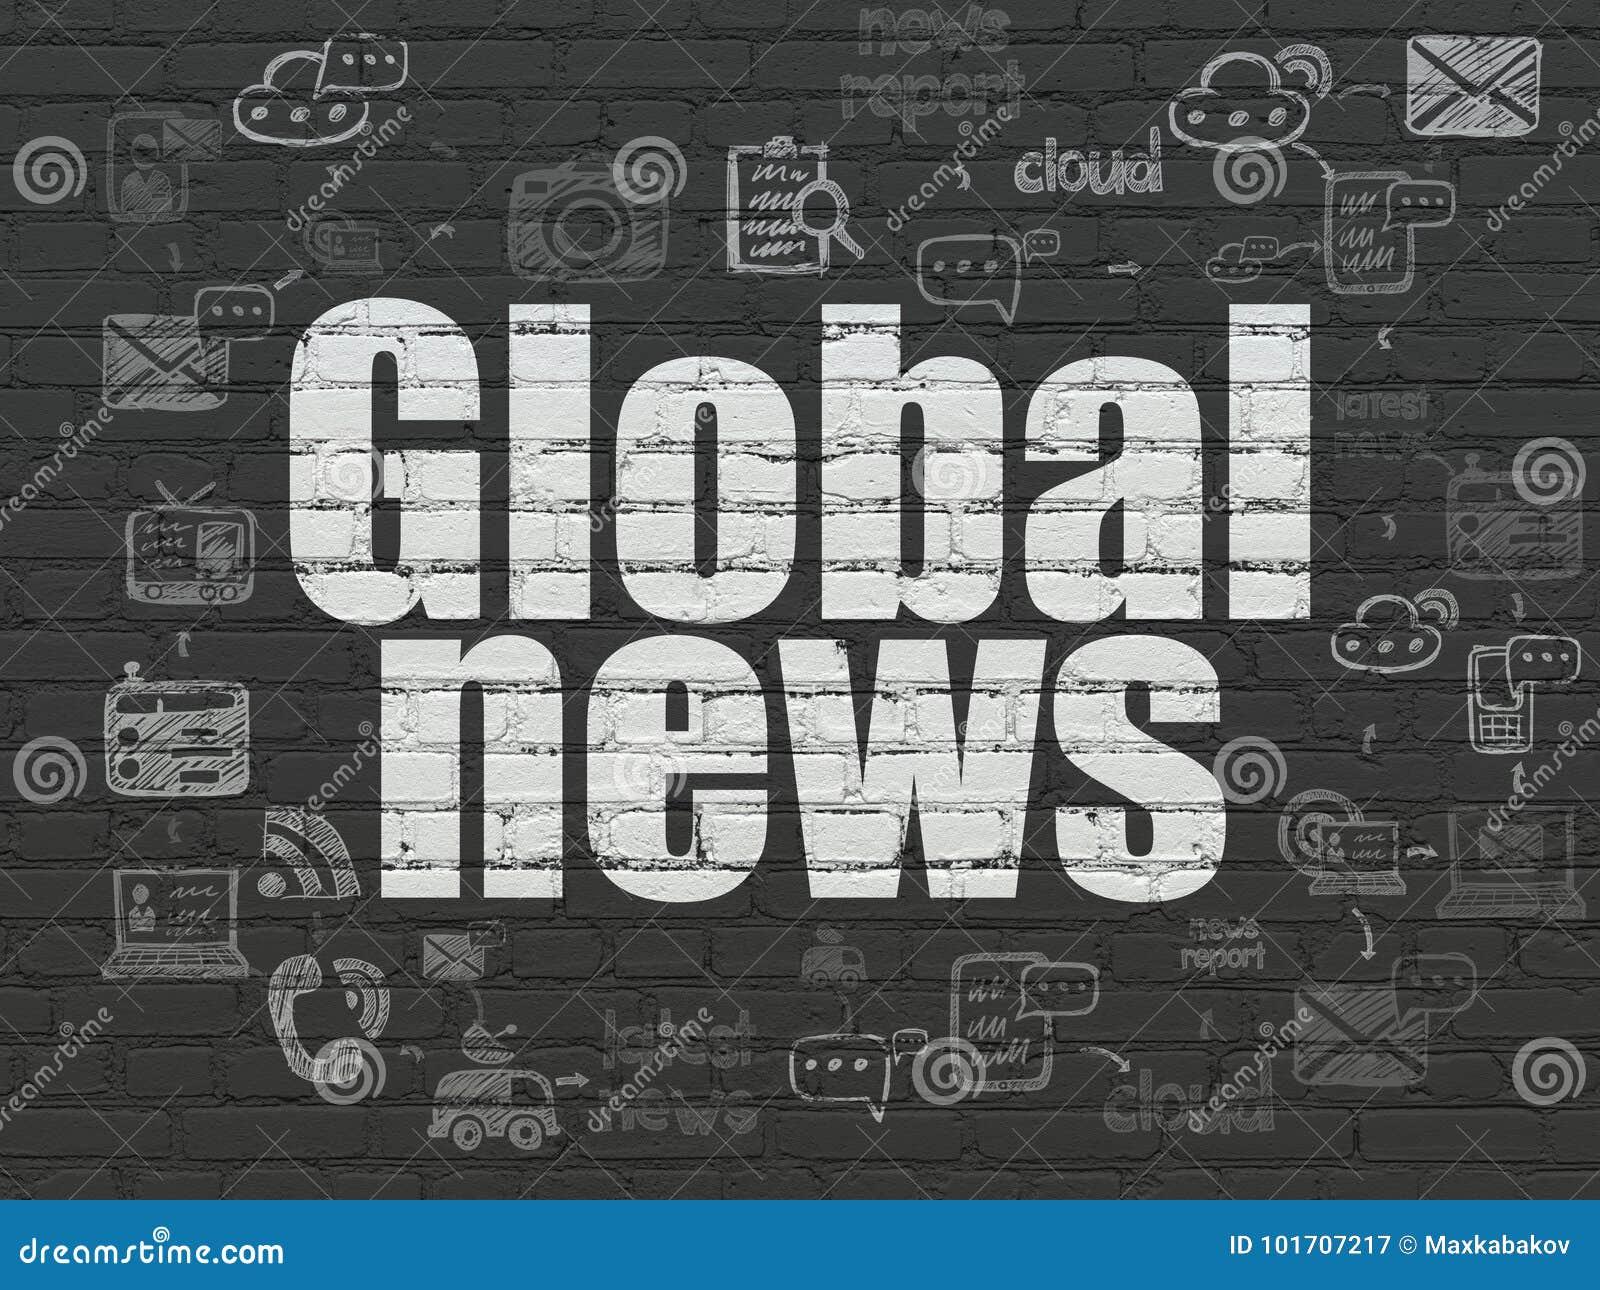 Nachrichtenkonzept: Globale Nachrichten auf Wandhintergrund